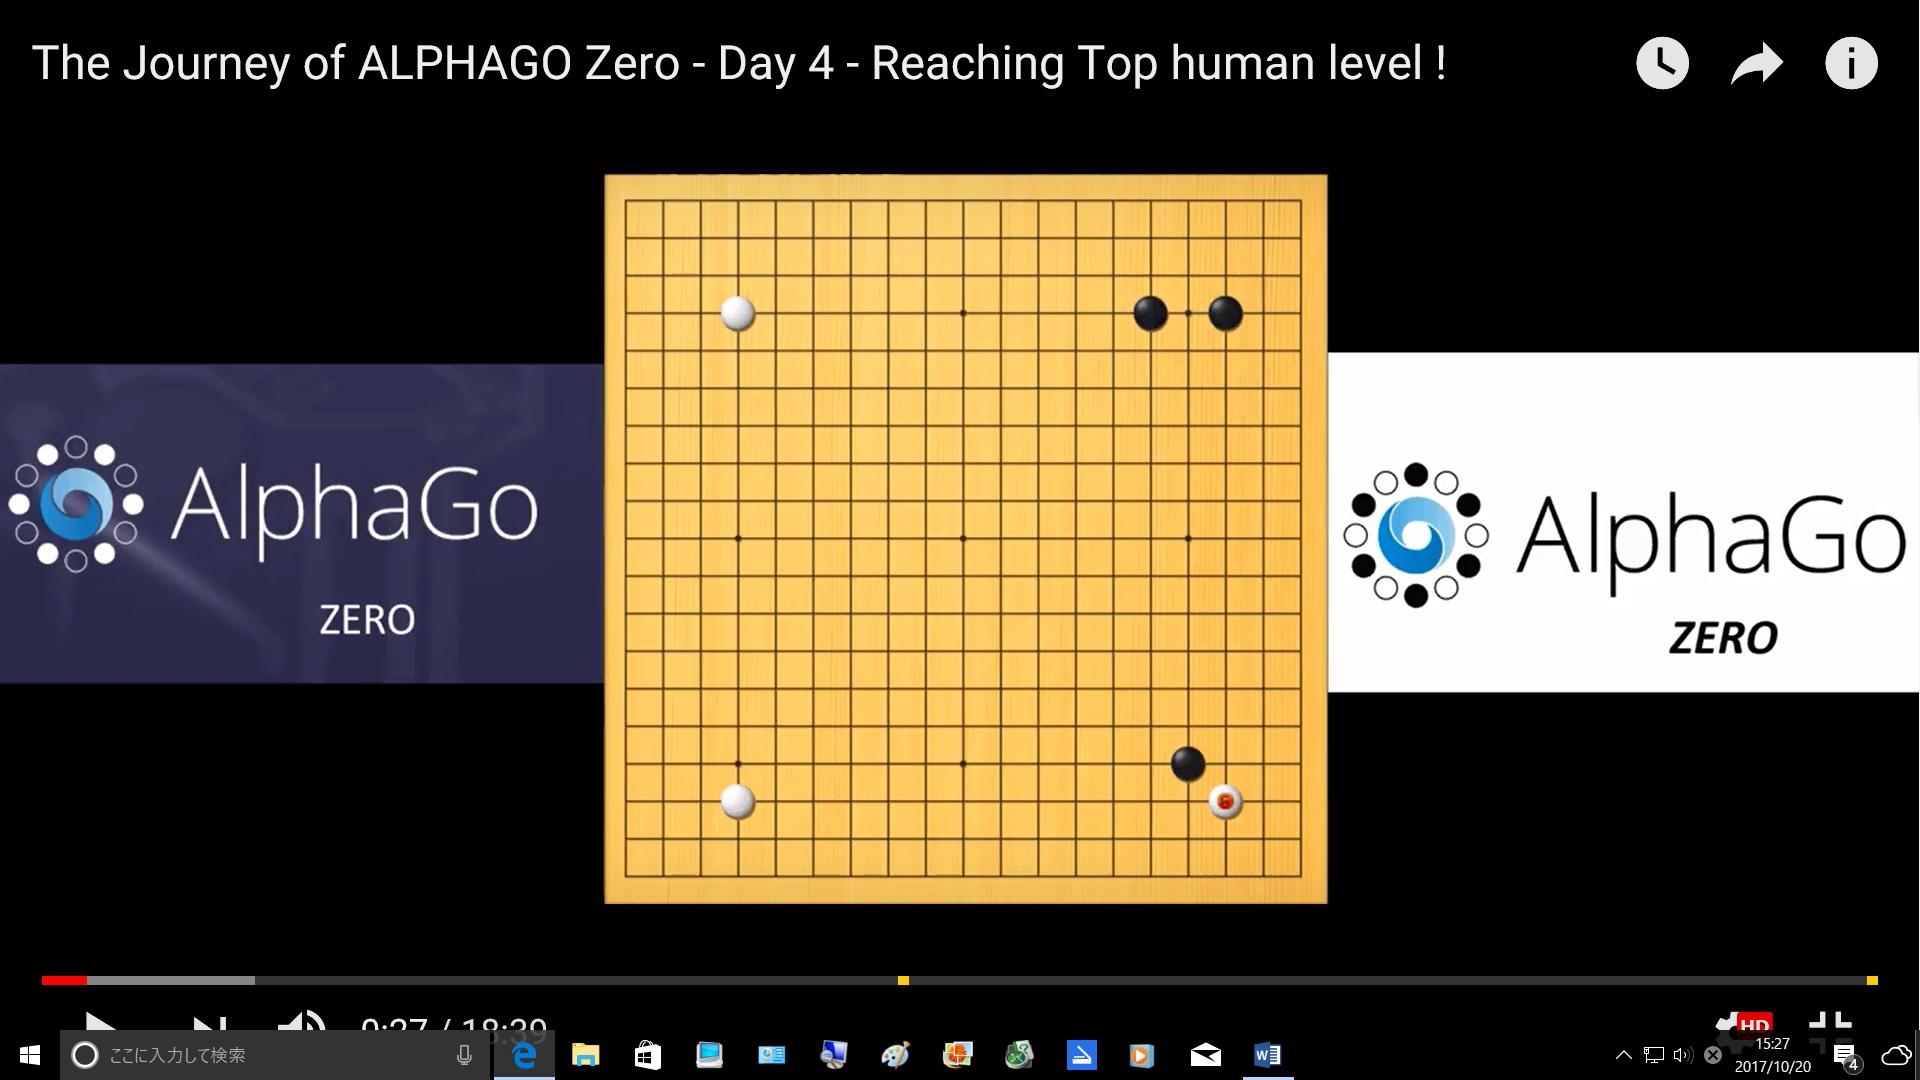 AlphaGo ZERO 4